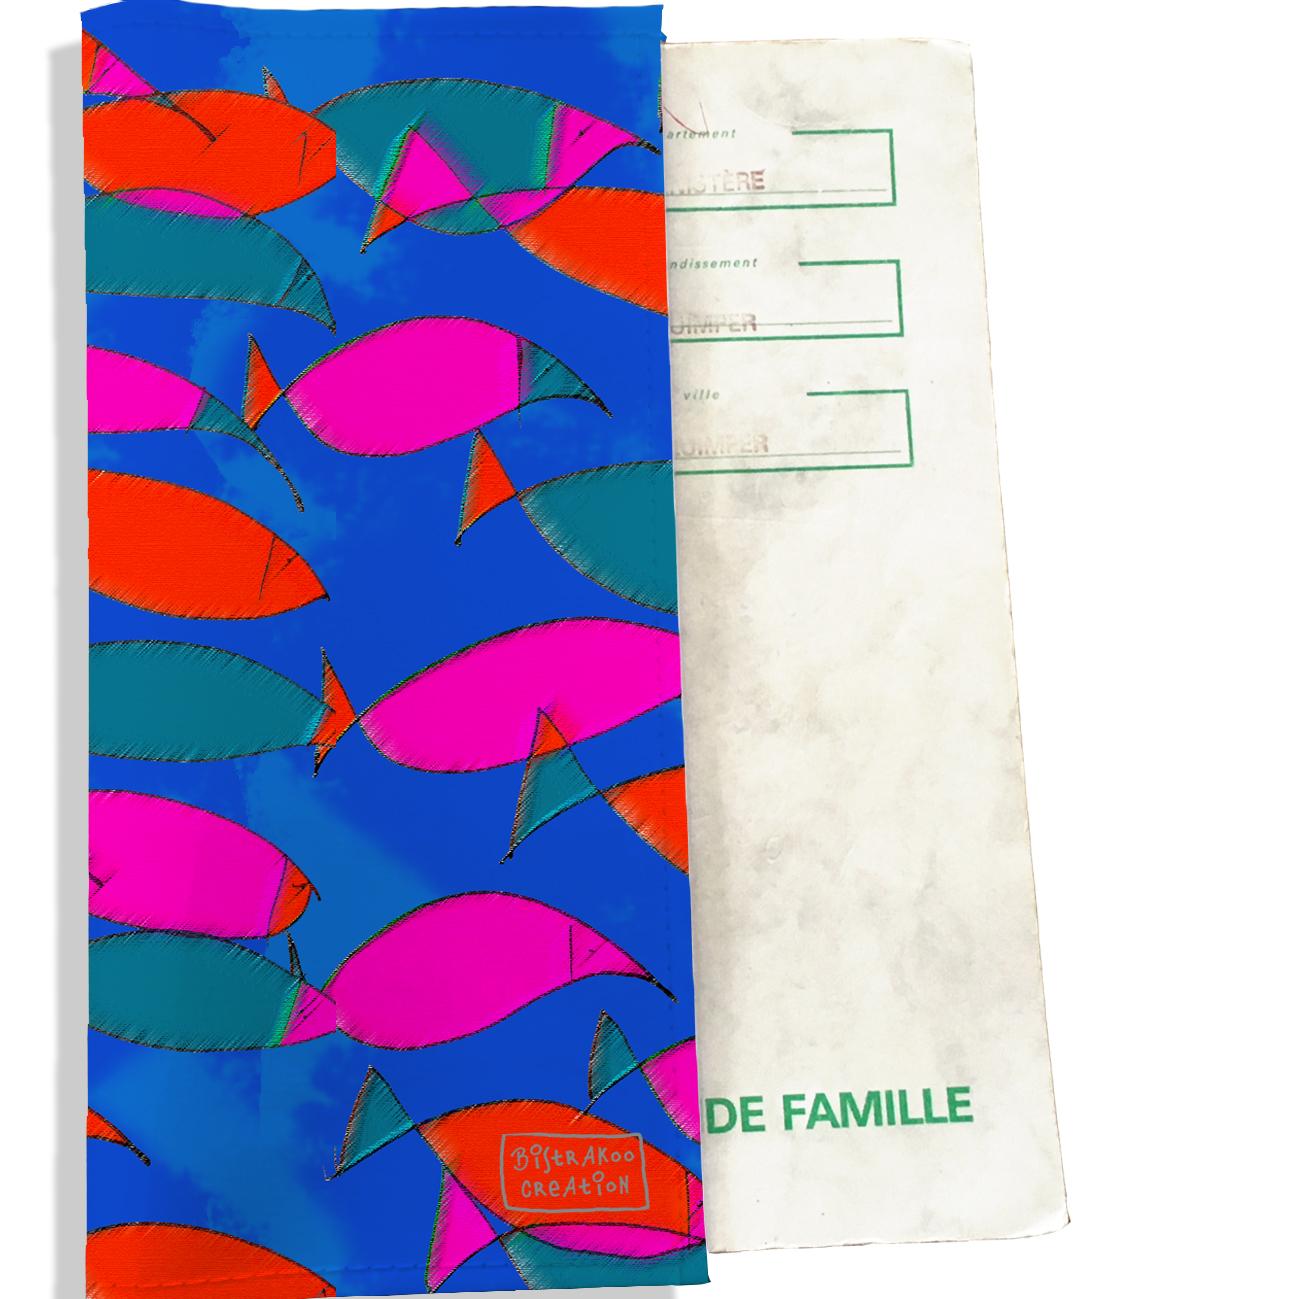 Protège livret de famille motif Banc de poissons